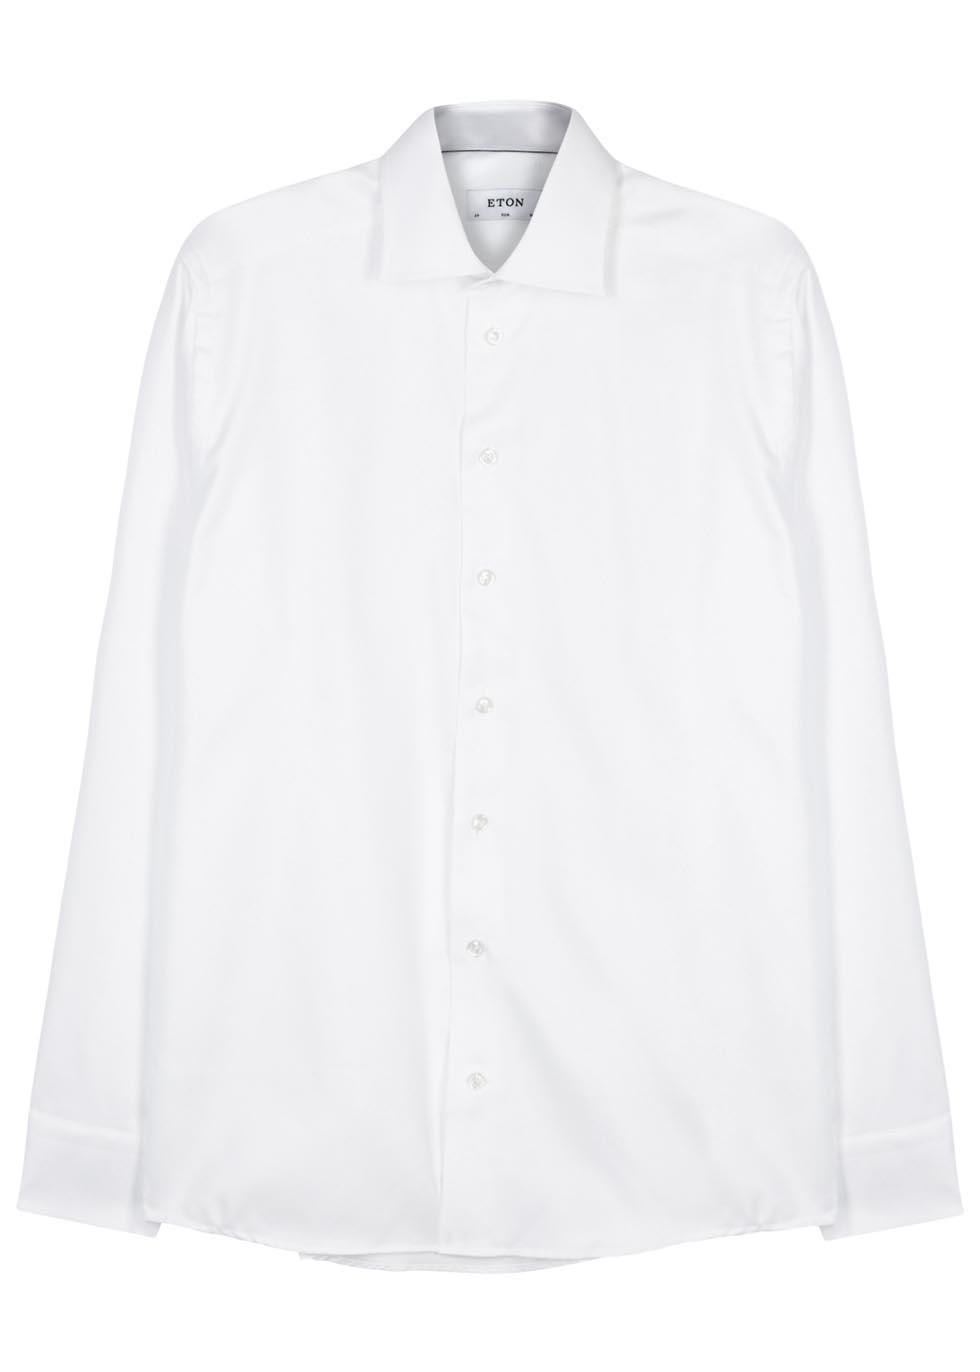 White slim cotton shirt - Eton